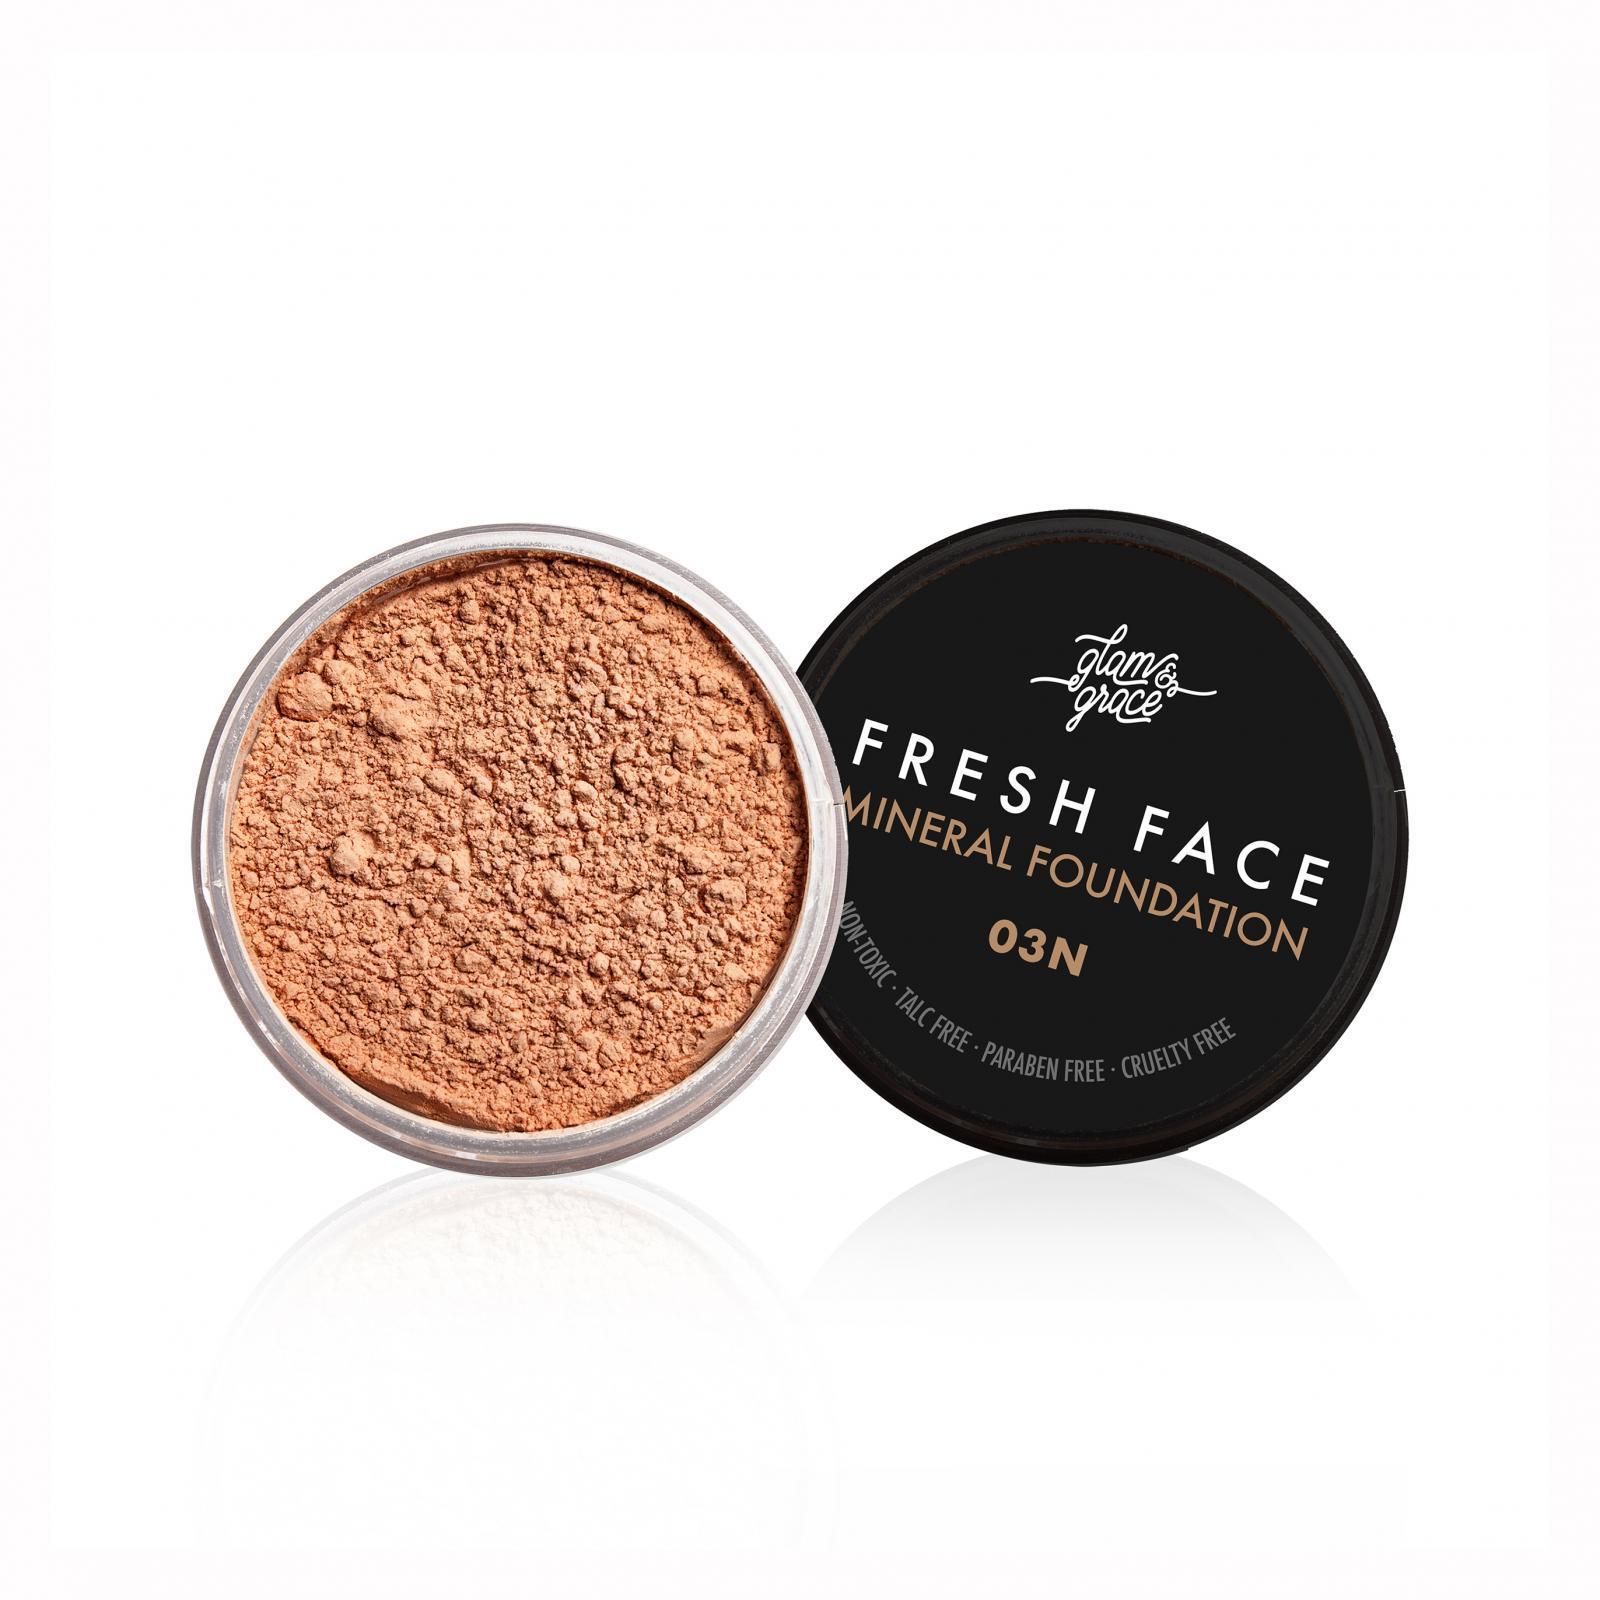 FRESH Face Mineral Foundation Powder - Tan 03N